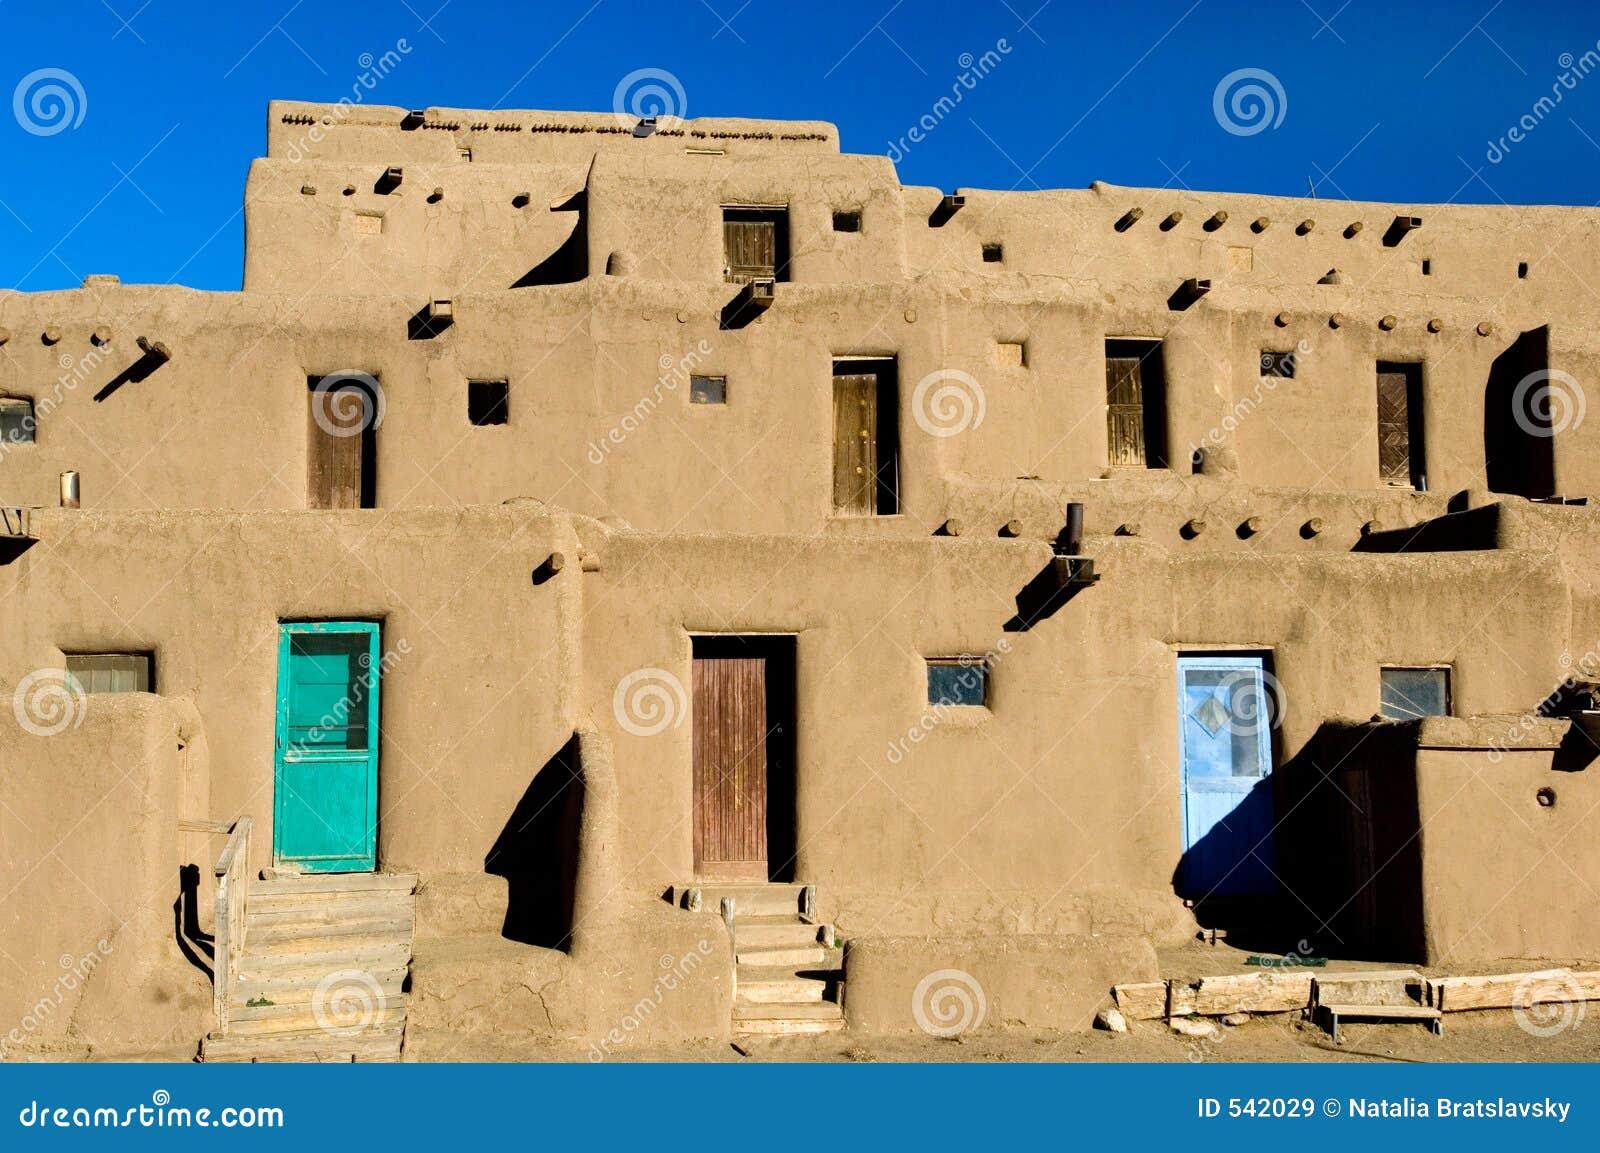 Download 镇村庄 库存图片. 图片 包括有 墨西哥, 天空, 响铃, 珊瑚, 讲西班牙语的美国人, 布琼布拉, 粉红色 - 542029